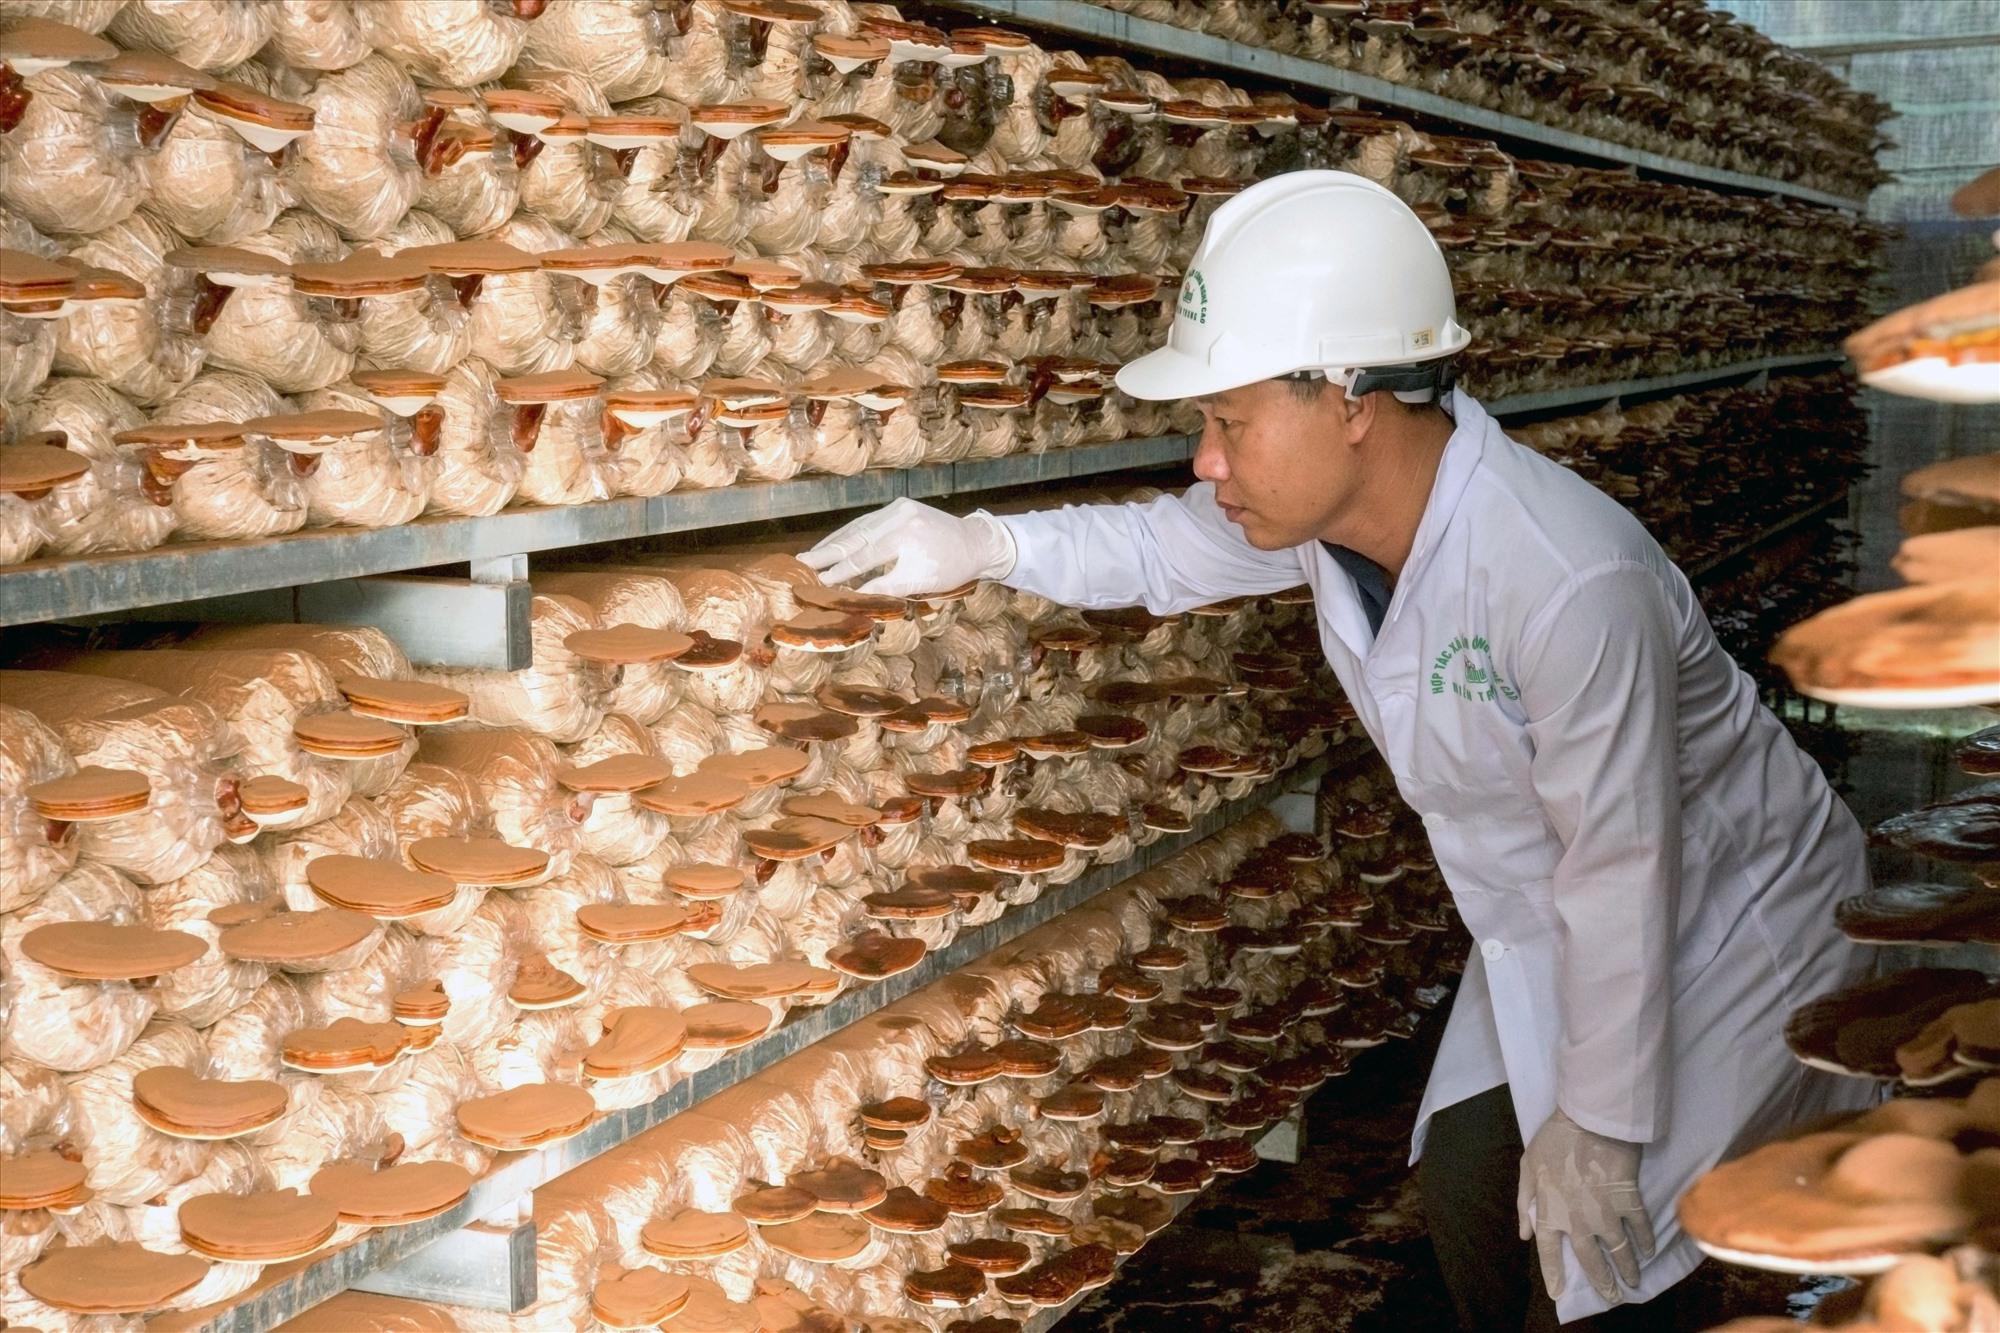 Ông Huỳnh Văn Phong kiểm tra chất lượng nấm trước khi thu hoạch. Ảnh: NGUYỄN ĐIỆN NGỌC